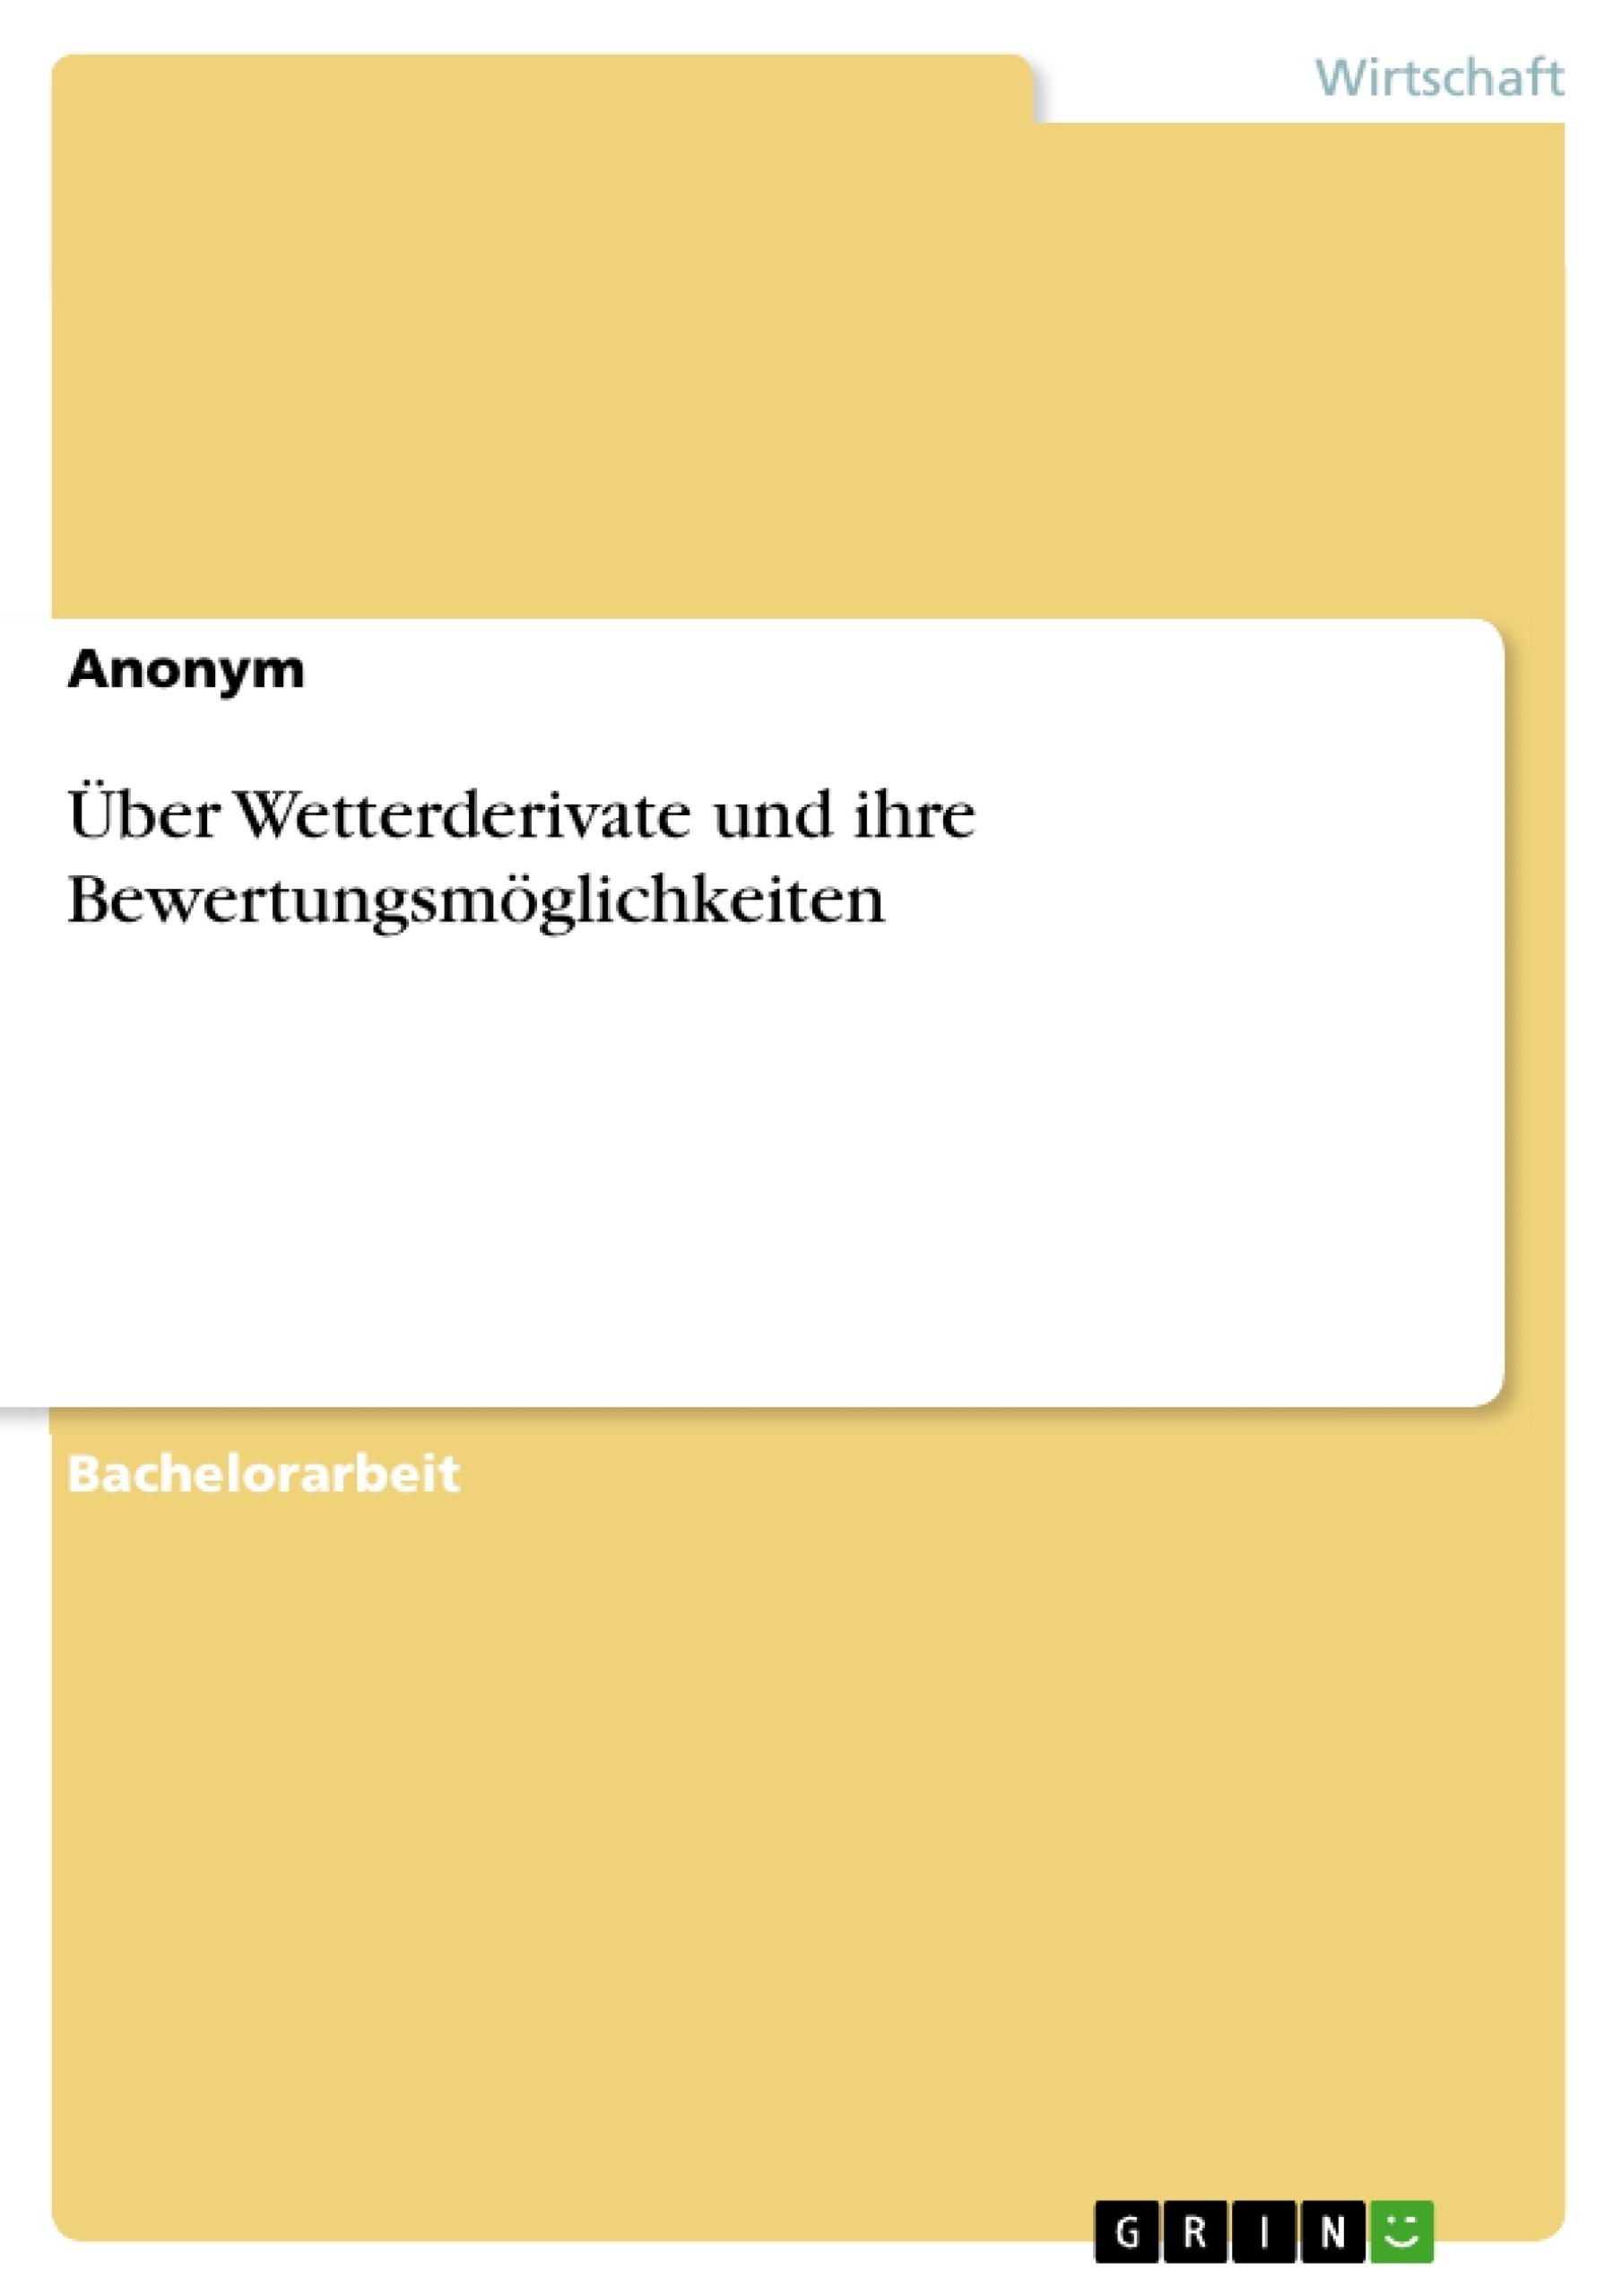 Titel: Über Wetterderivate und ihre Bewertungsmöglichkeiten